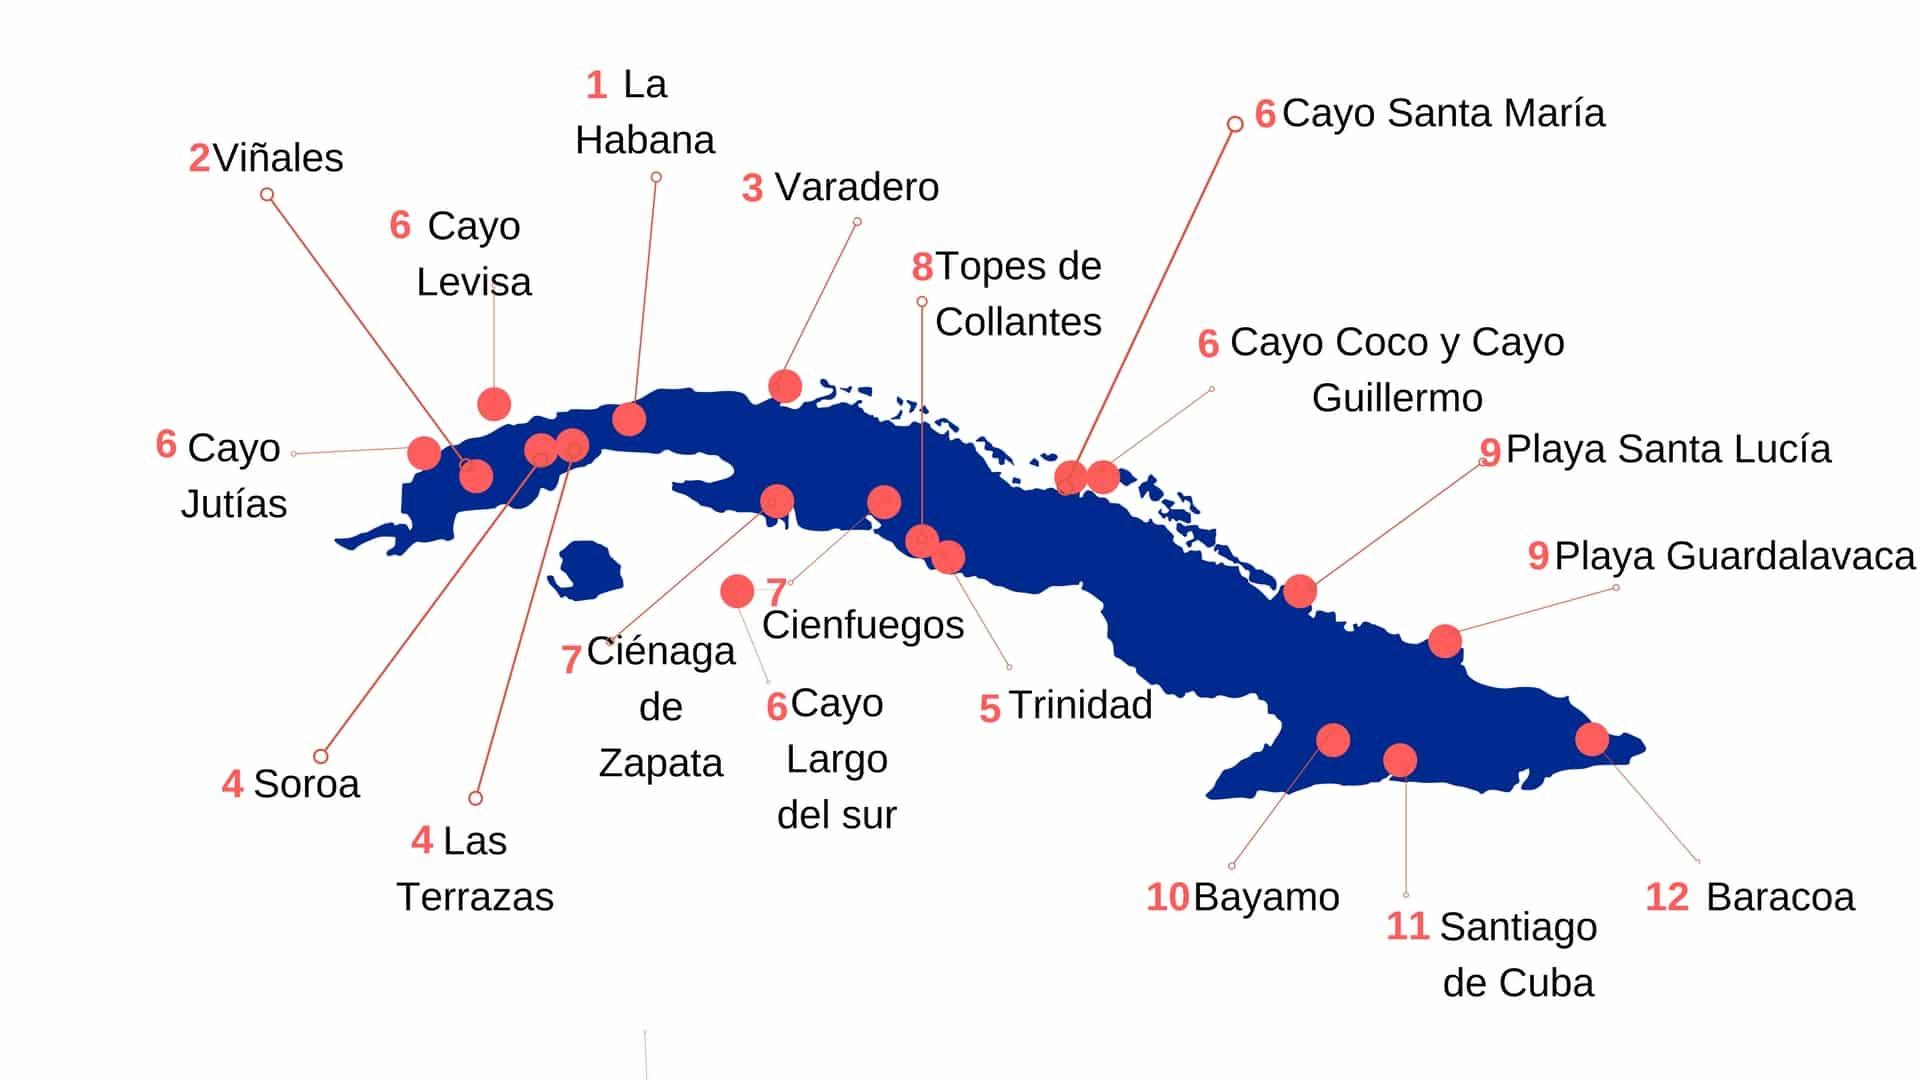 Viaje a Cuba: Qué lugares visitar